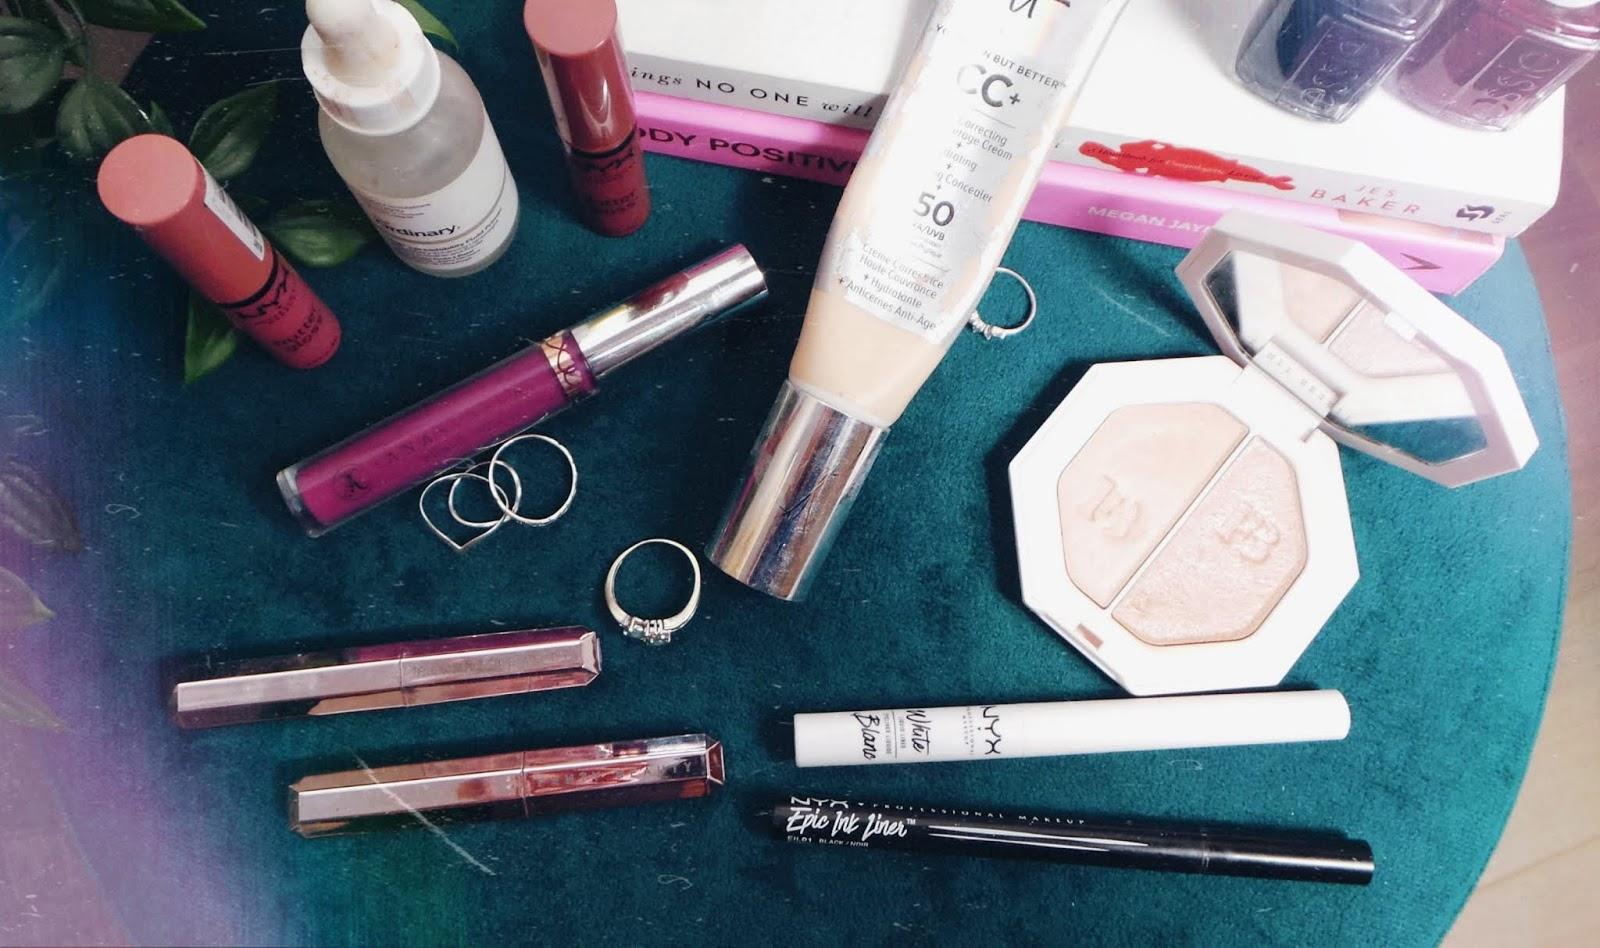 a variety of lipsticks, eyeliner, highlighter and primer